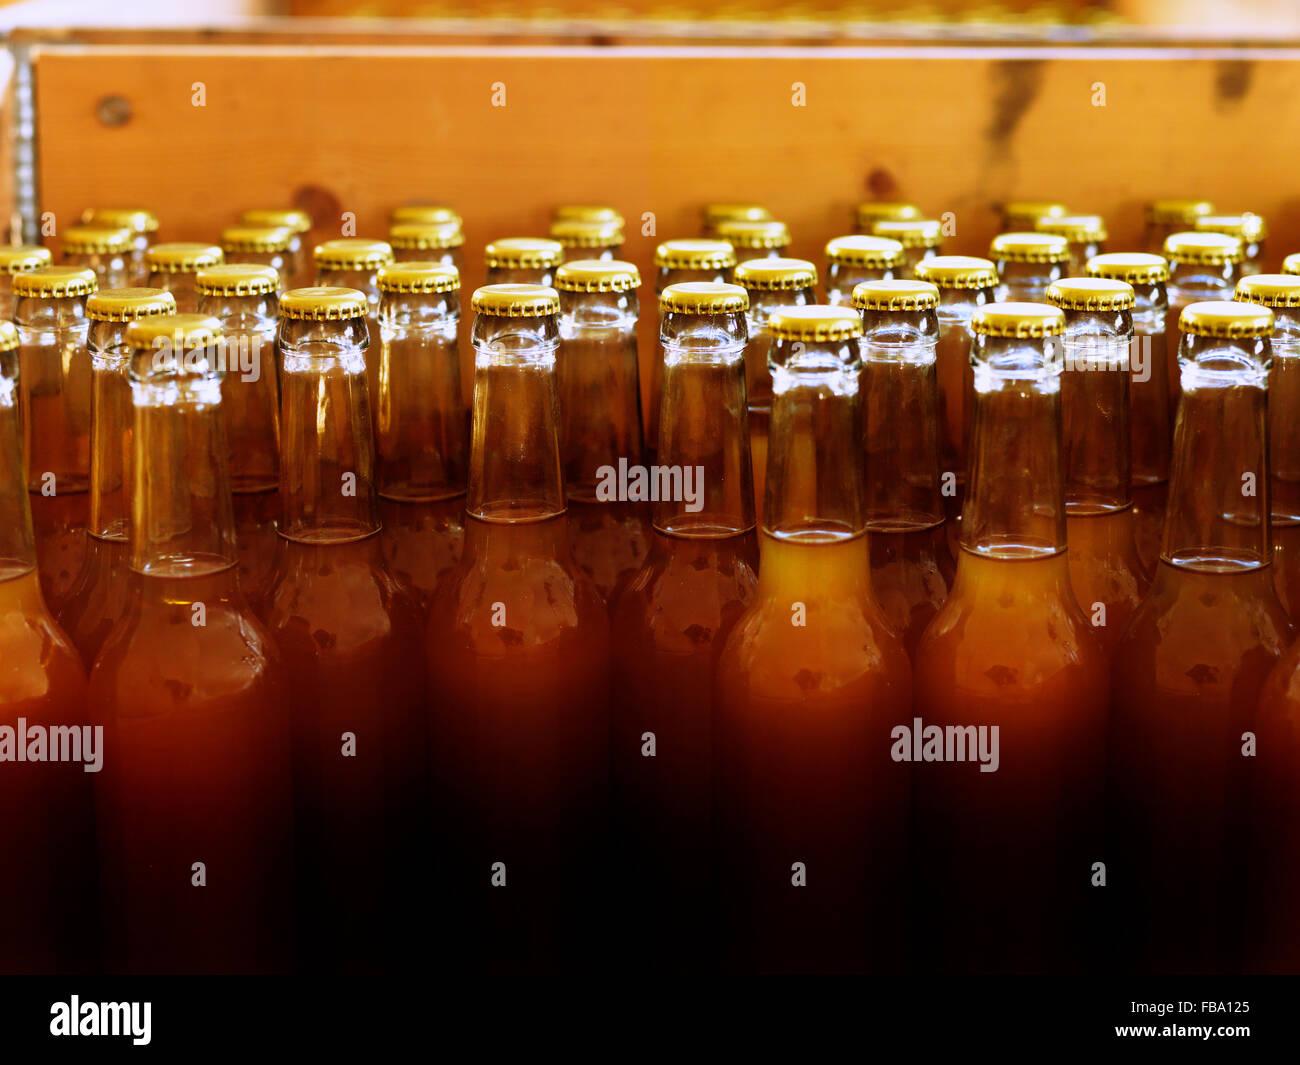 La Svezia, bottiglie non marcato con sommità chiusa e riempita con liquido leggermente marrone Immagini Stock